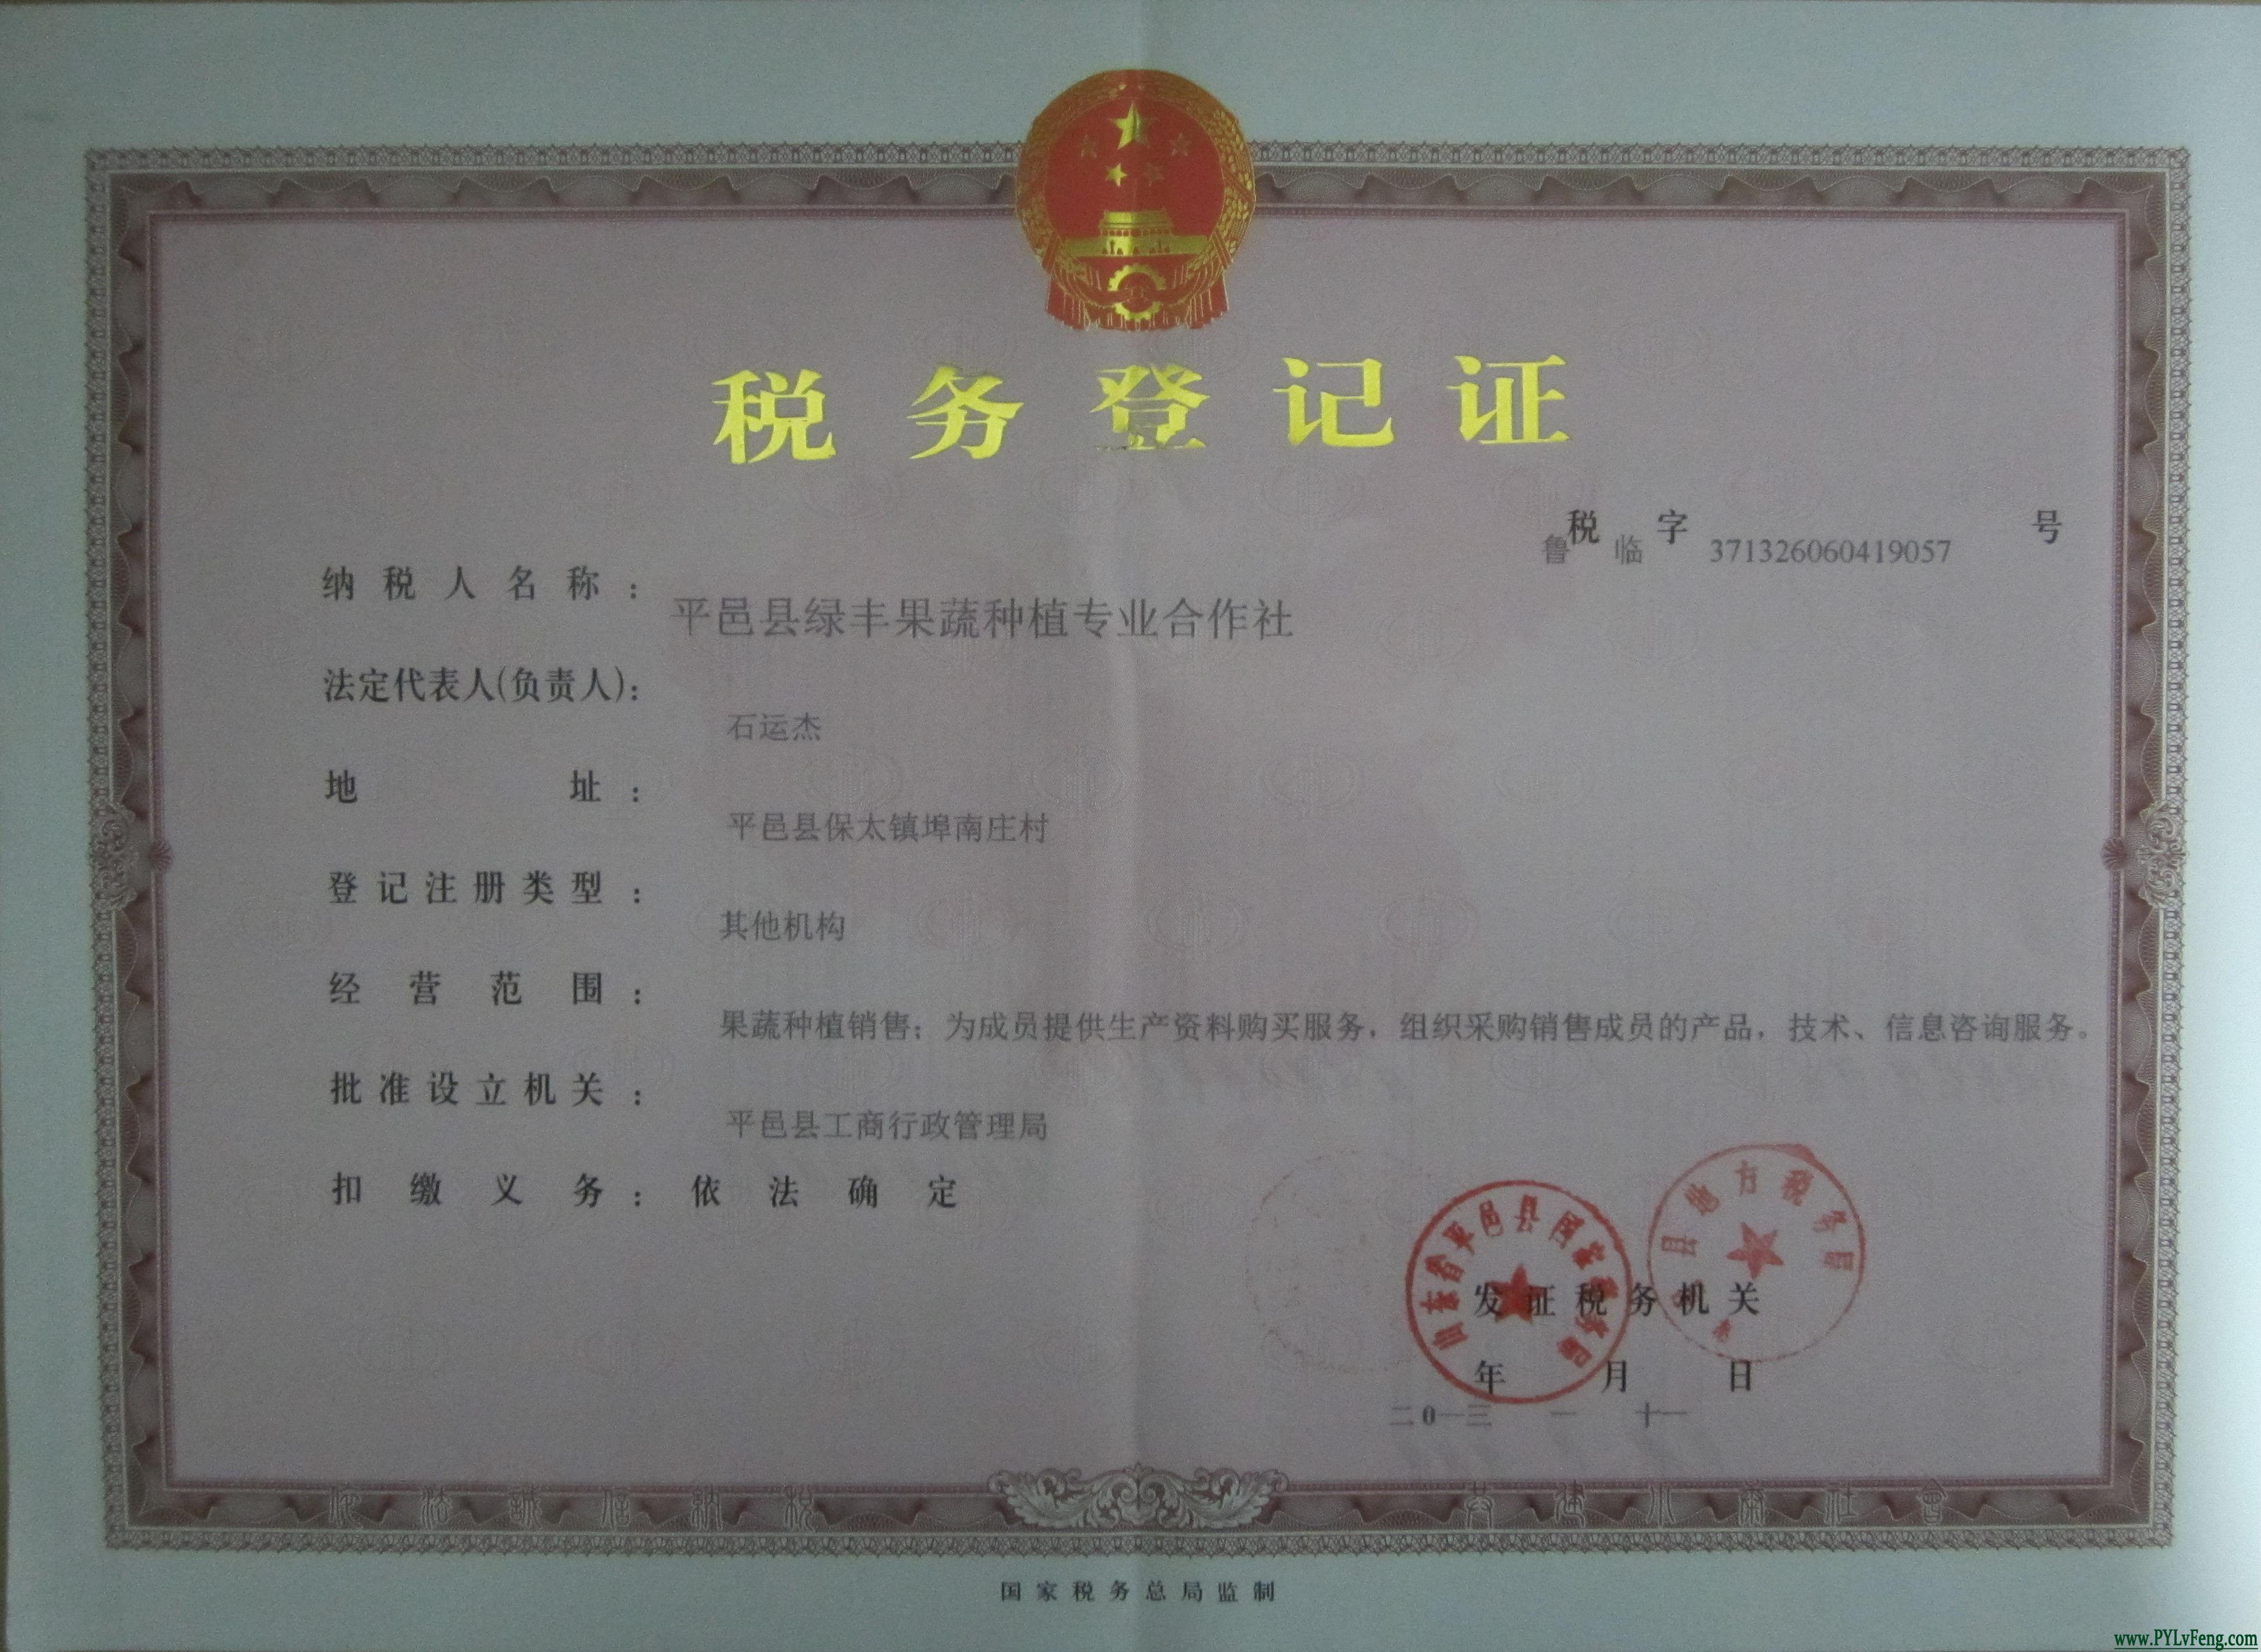 绿丰合作社税务登记证